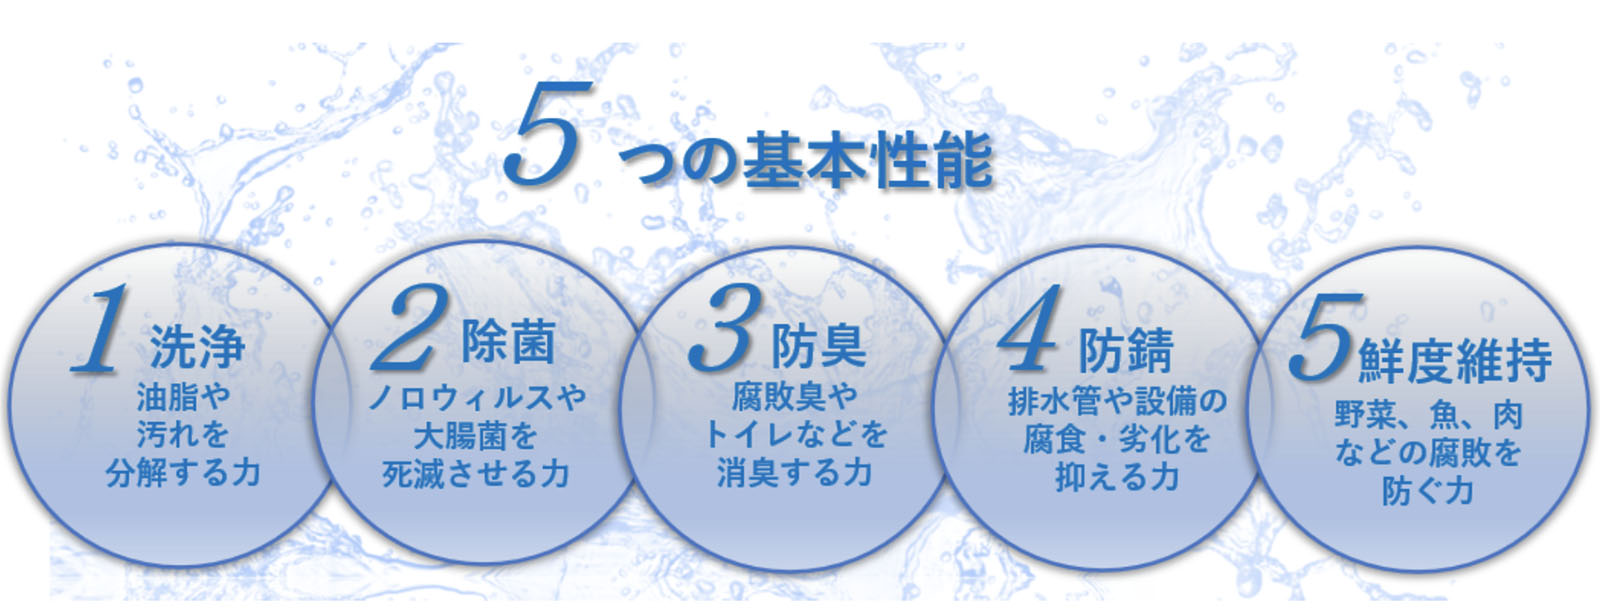 5つの基本性能